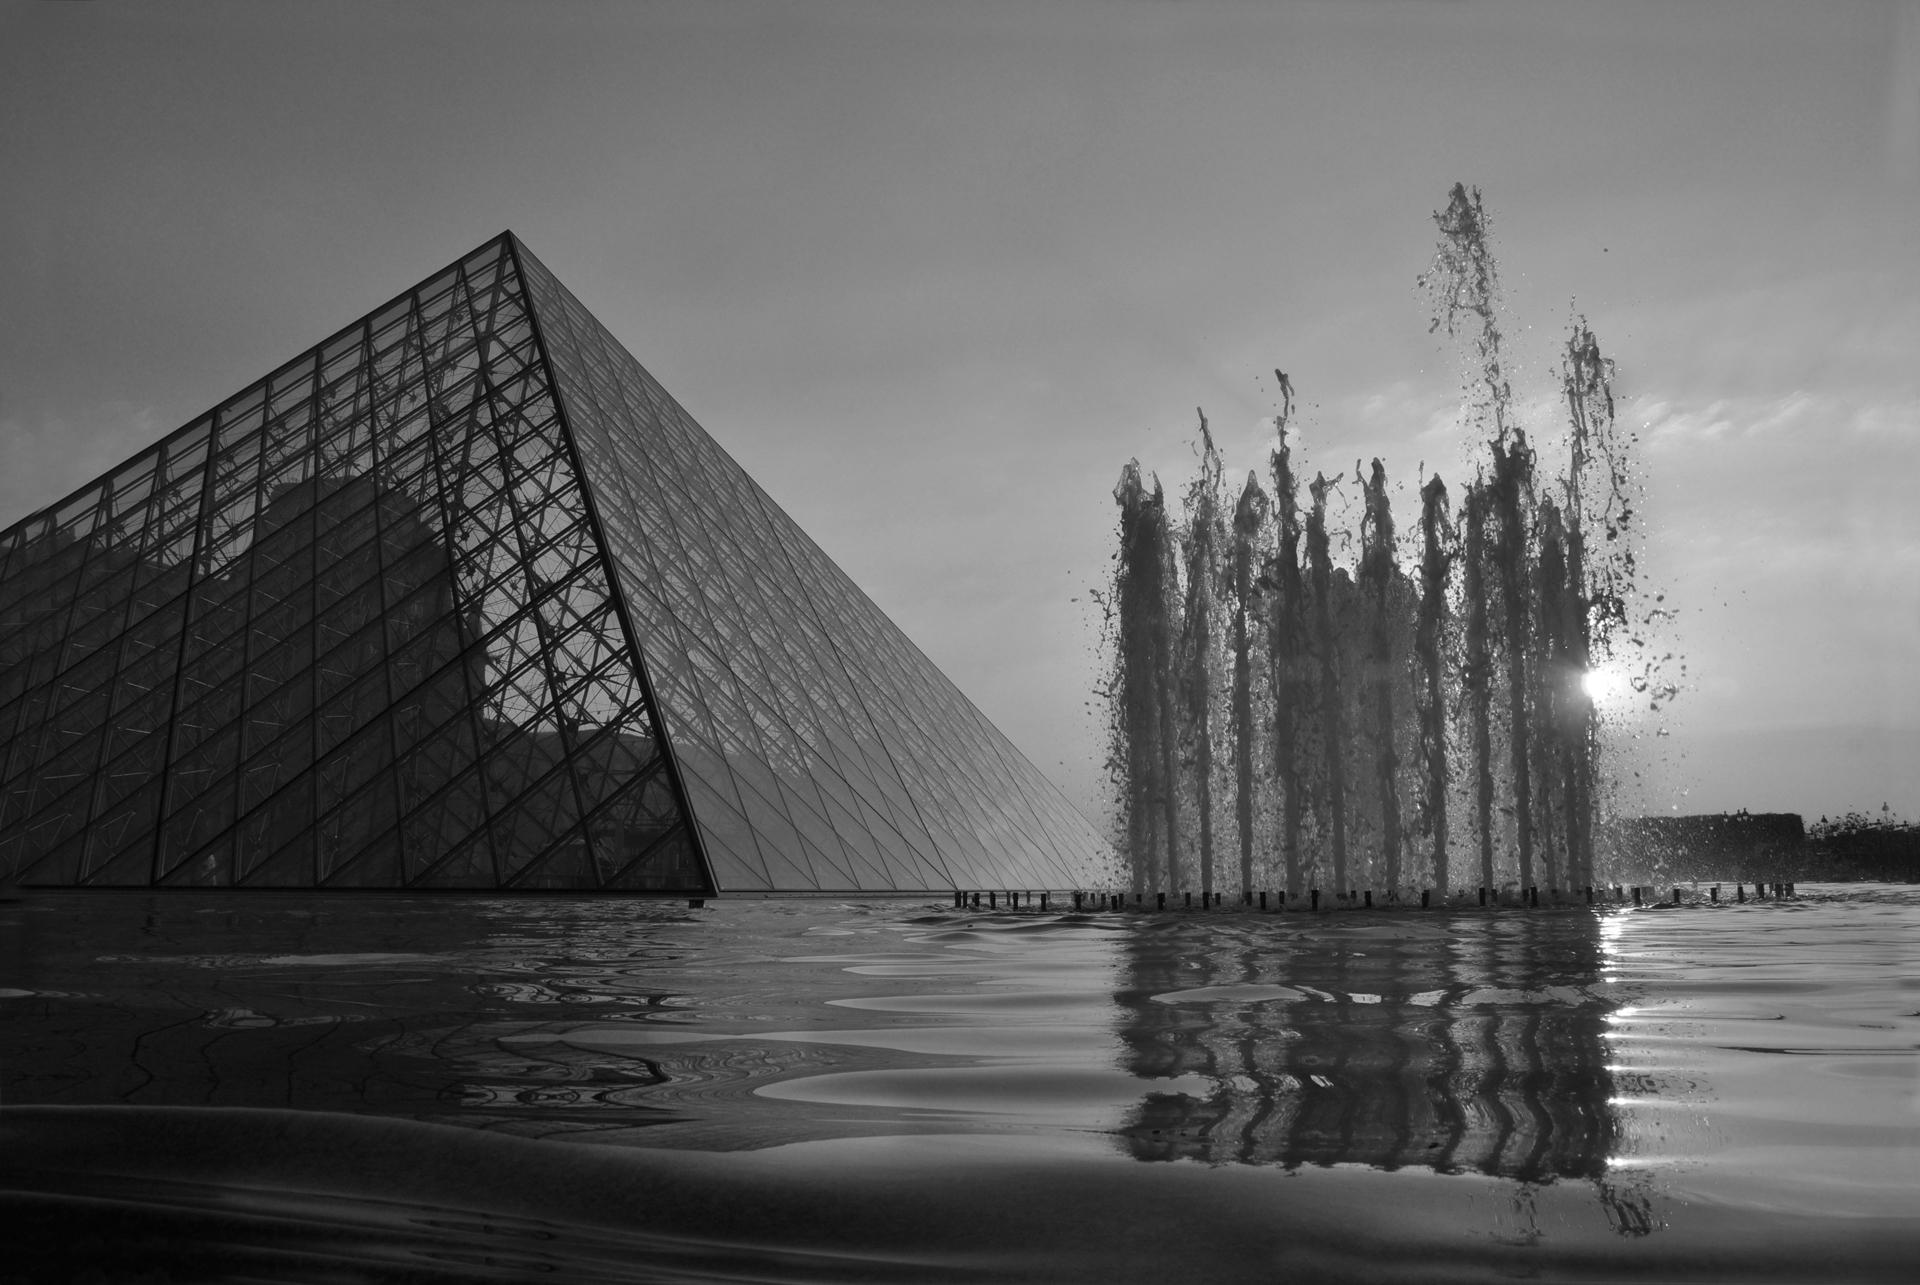 פריז - בין השמשות - paris - הפירמידה של הלובר- יואל שתרוג - אדמה יוצרת - yoel sitruk